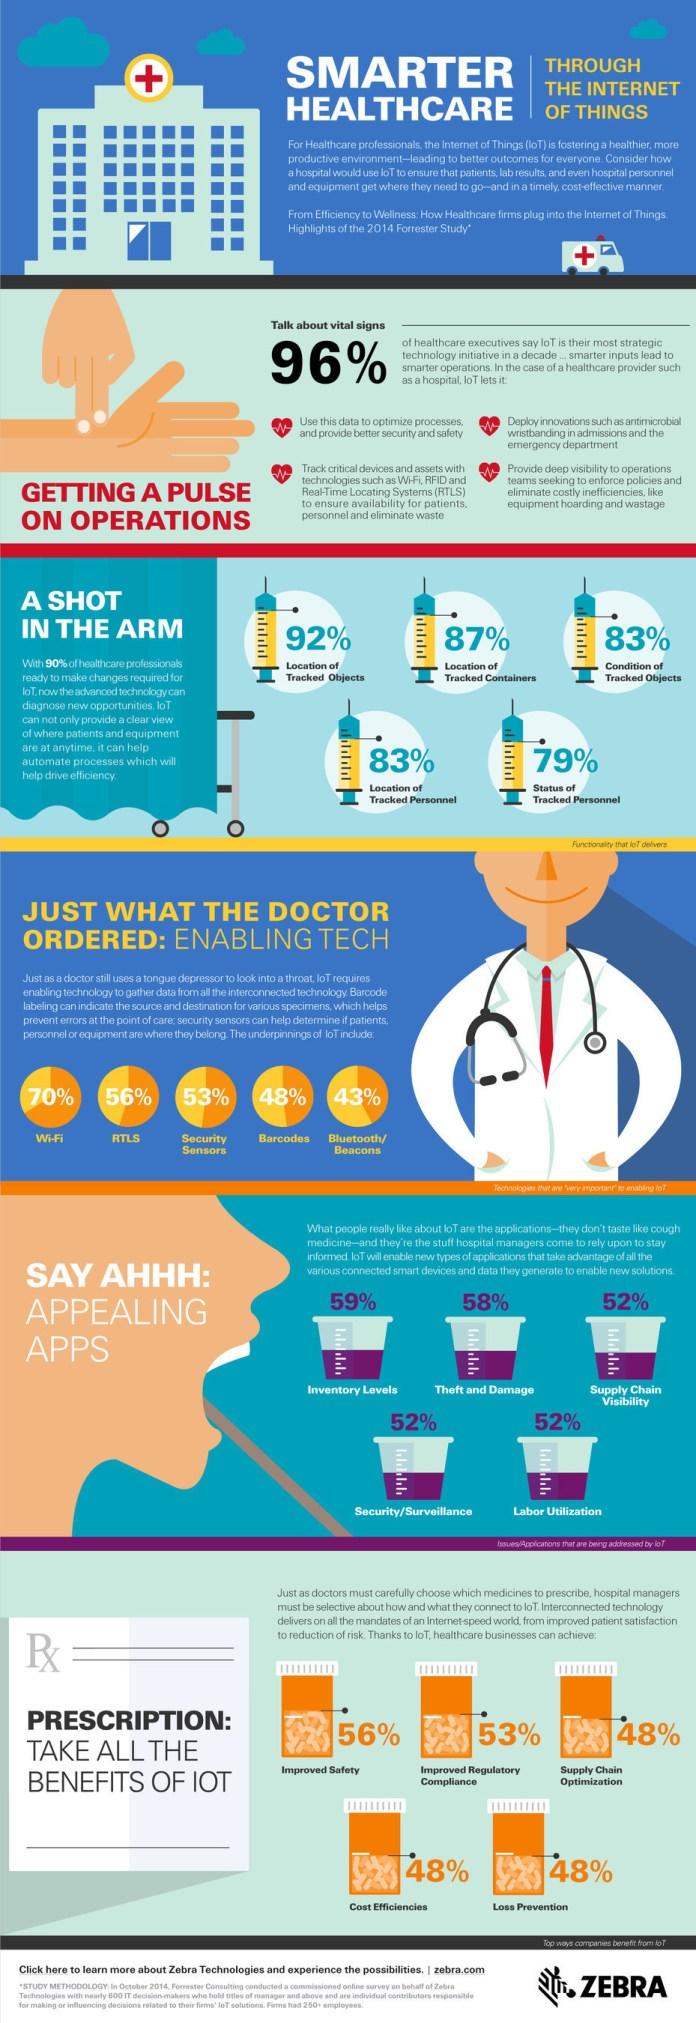 Zebra IoT Healthcare Infographic